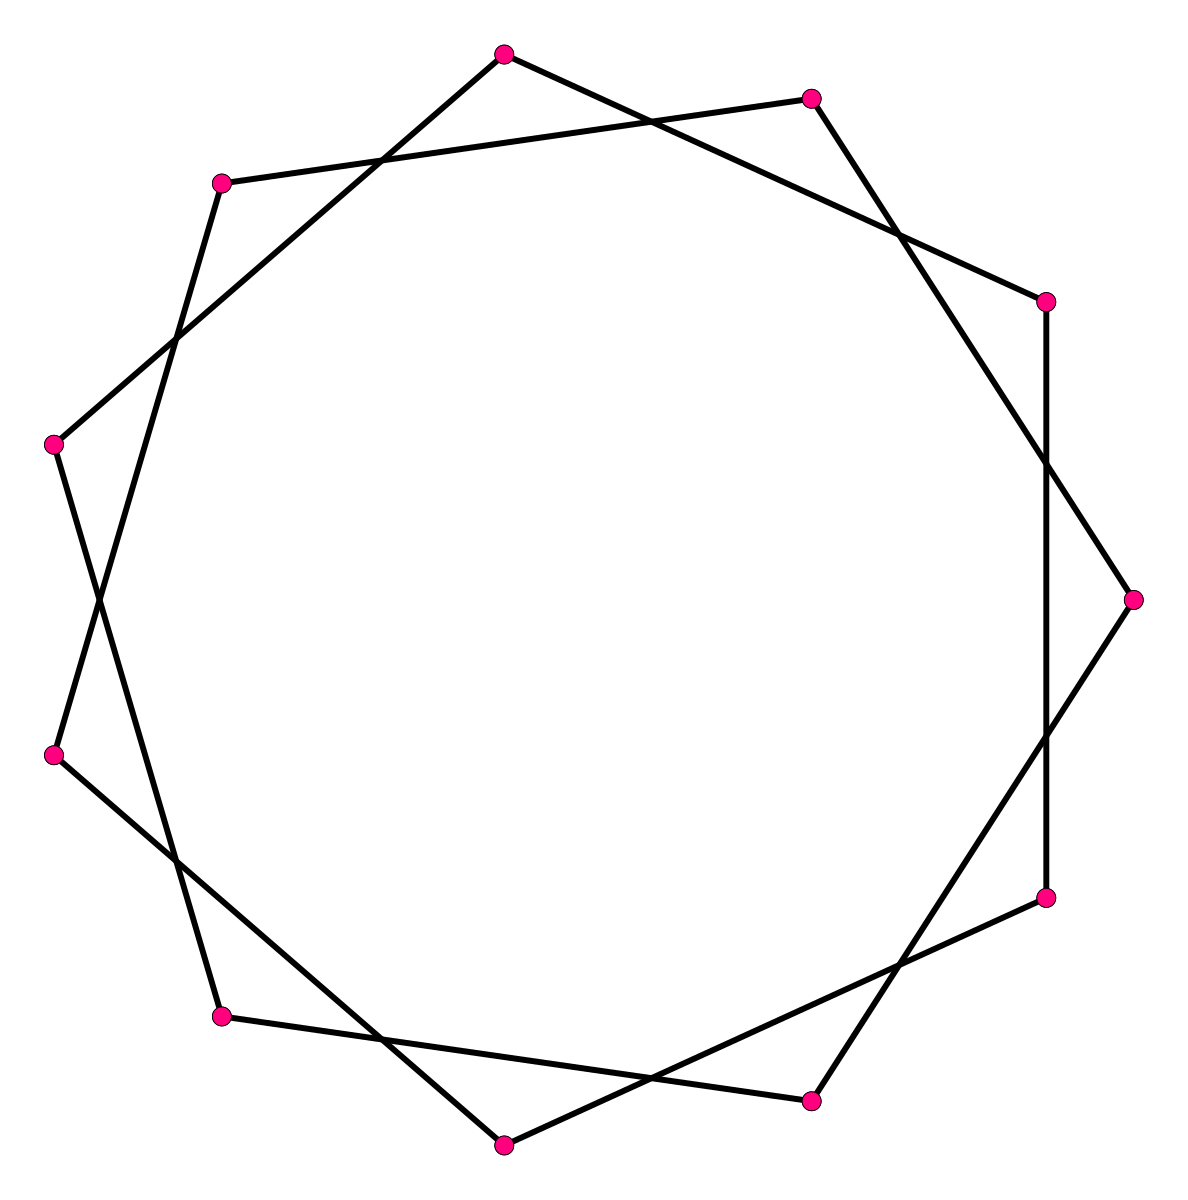 картинка правильного десятиугольника